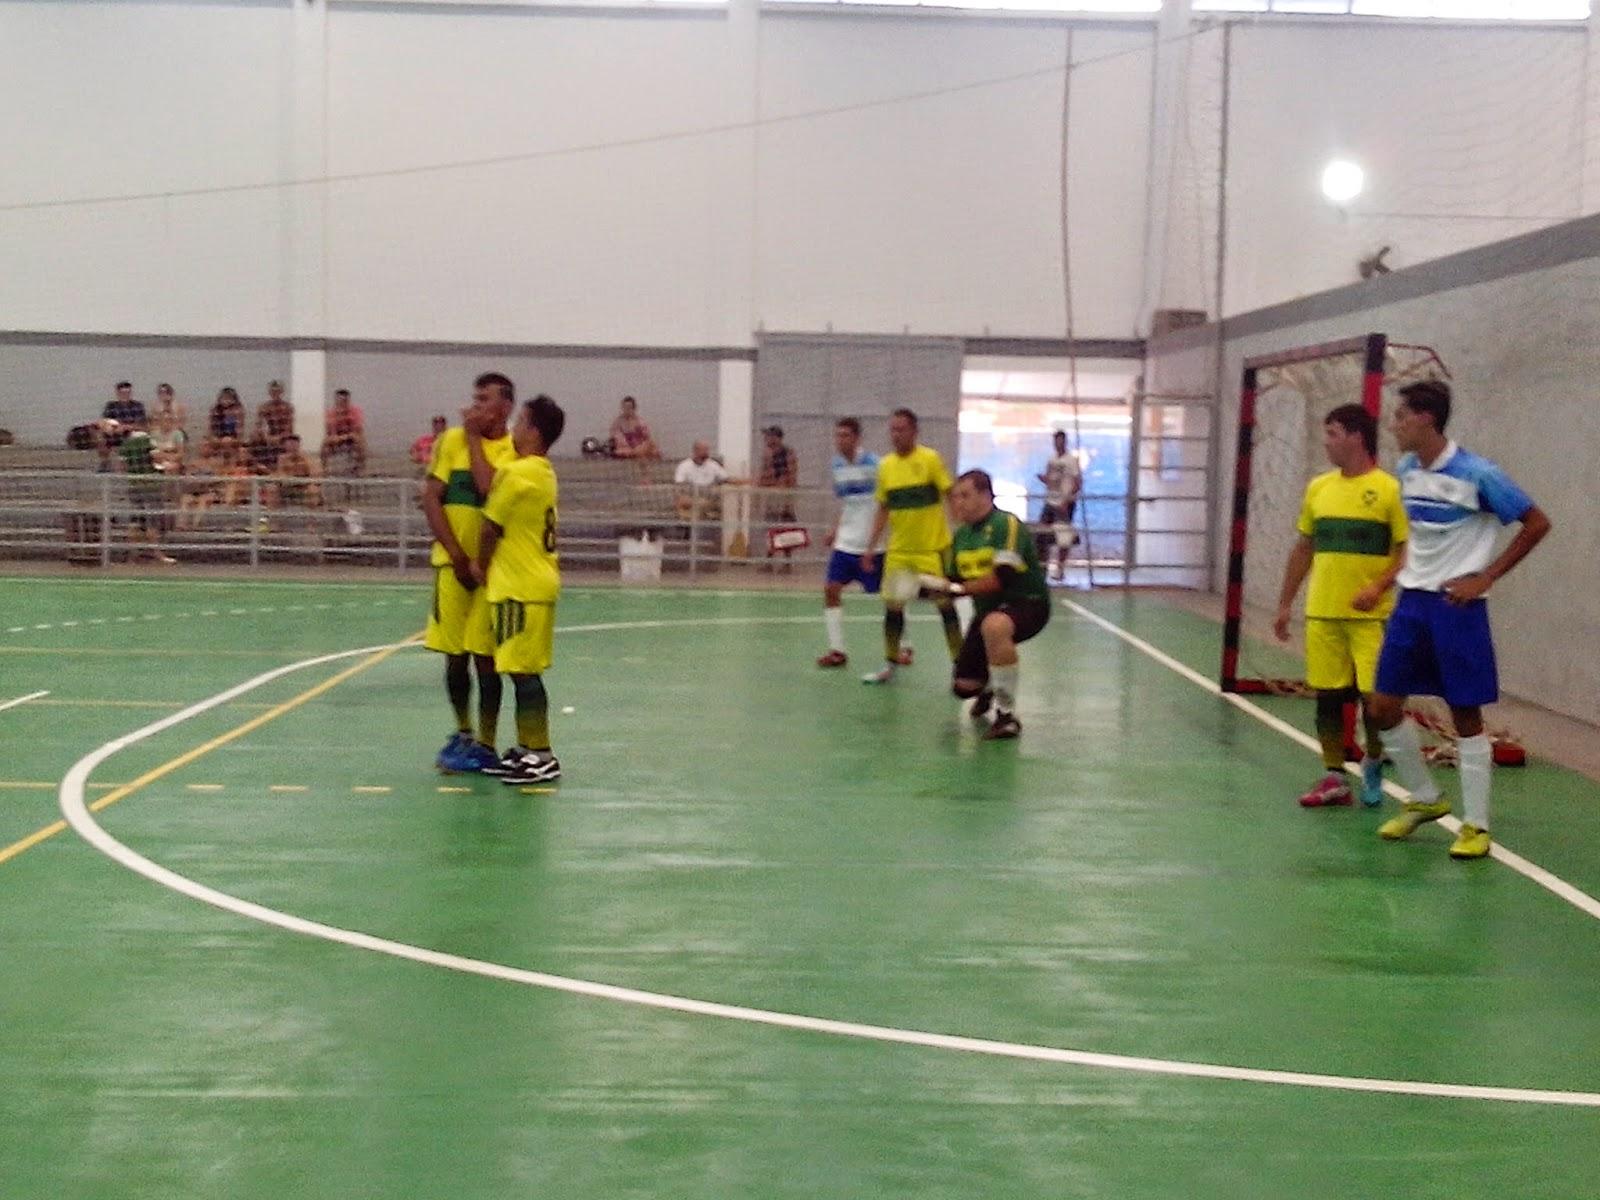 7fc6066a45 A Federação Paulista de Futsal divulgou nesta semana mudanças nas regras  para a modalidade que passam a valer para as suas competições e também de  seus ...